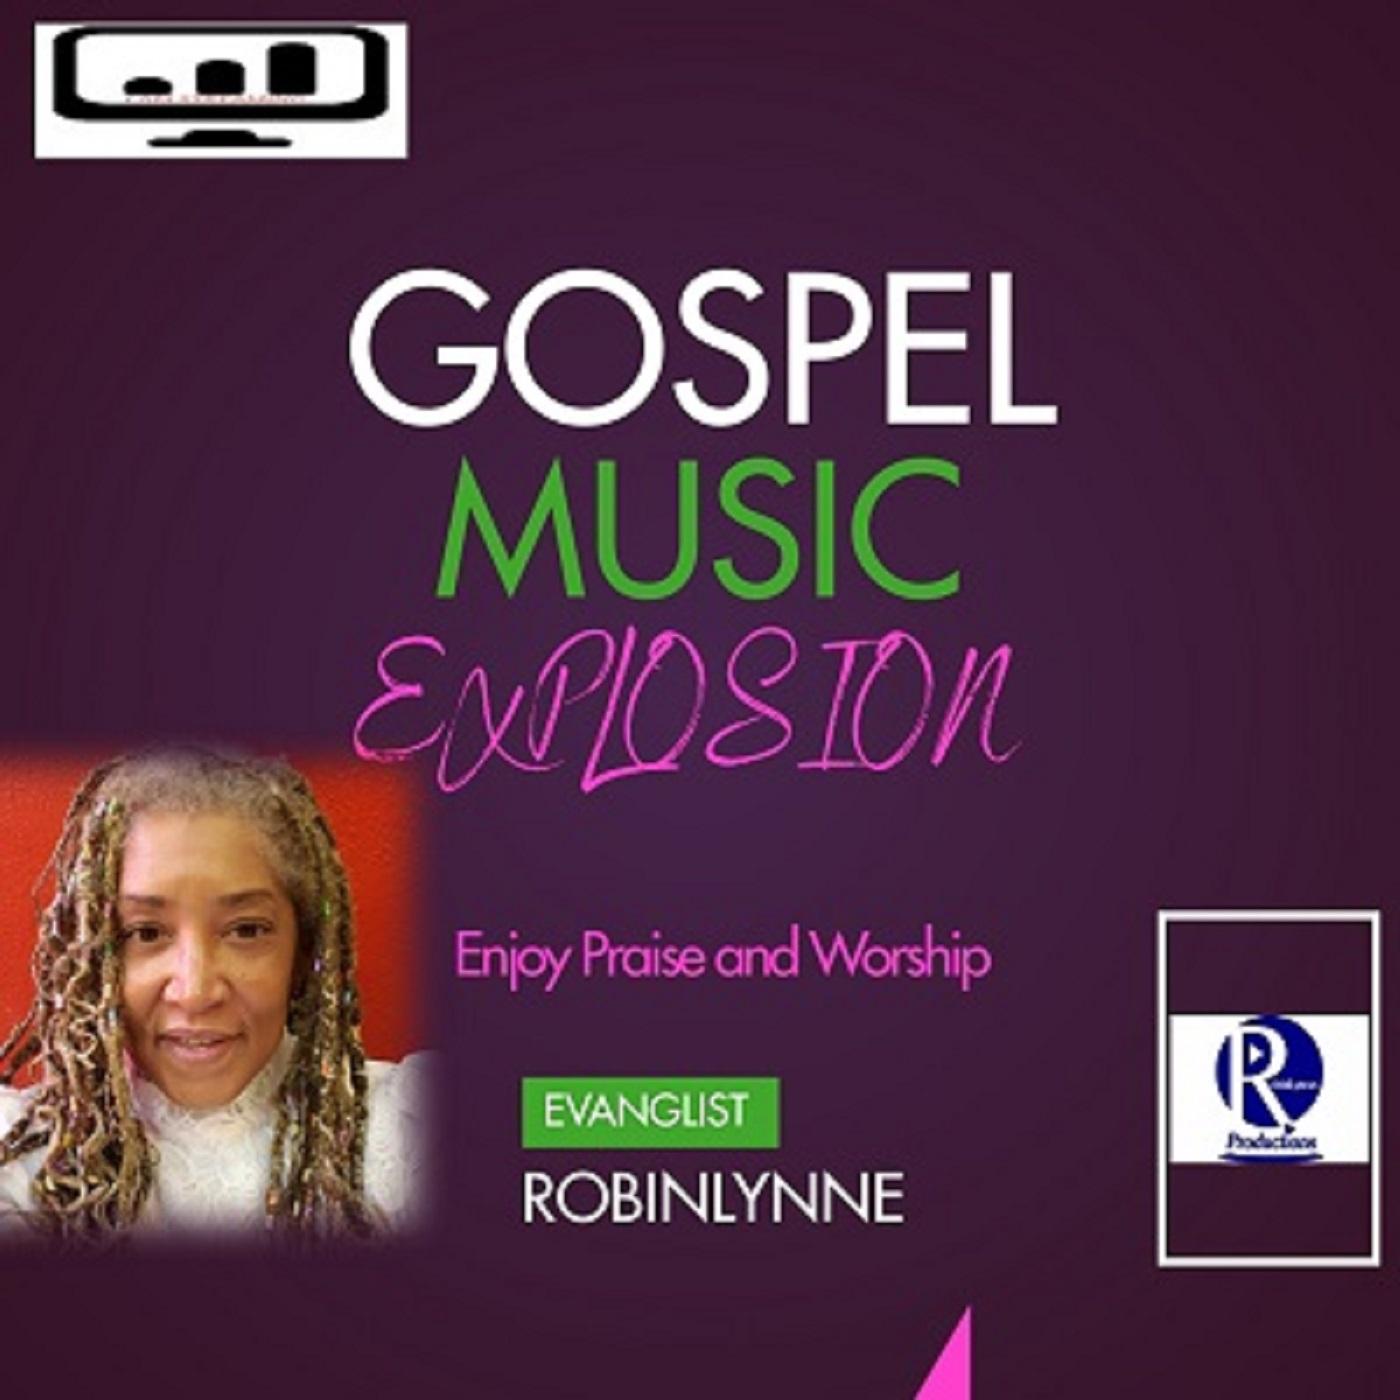 GOSPEL MUSIC EXPLOSION's artwork